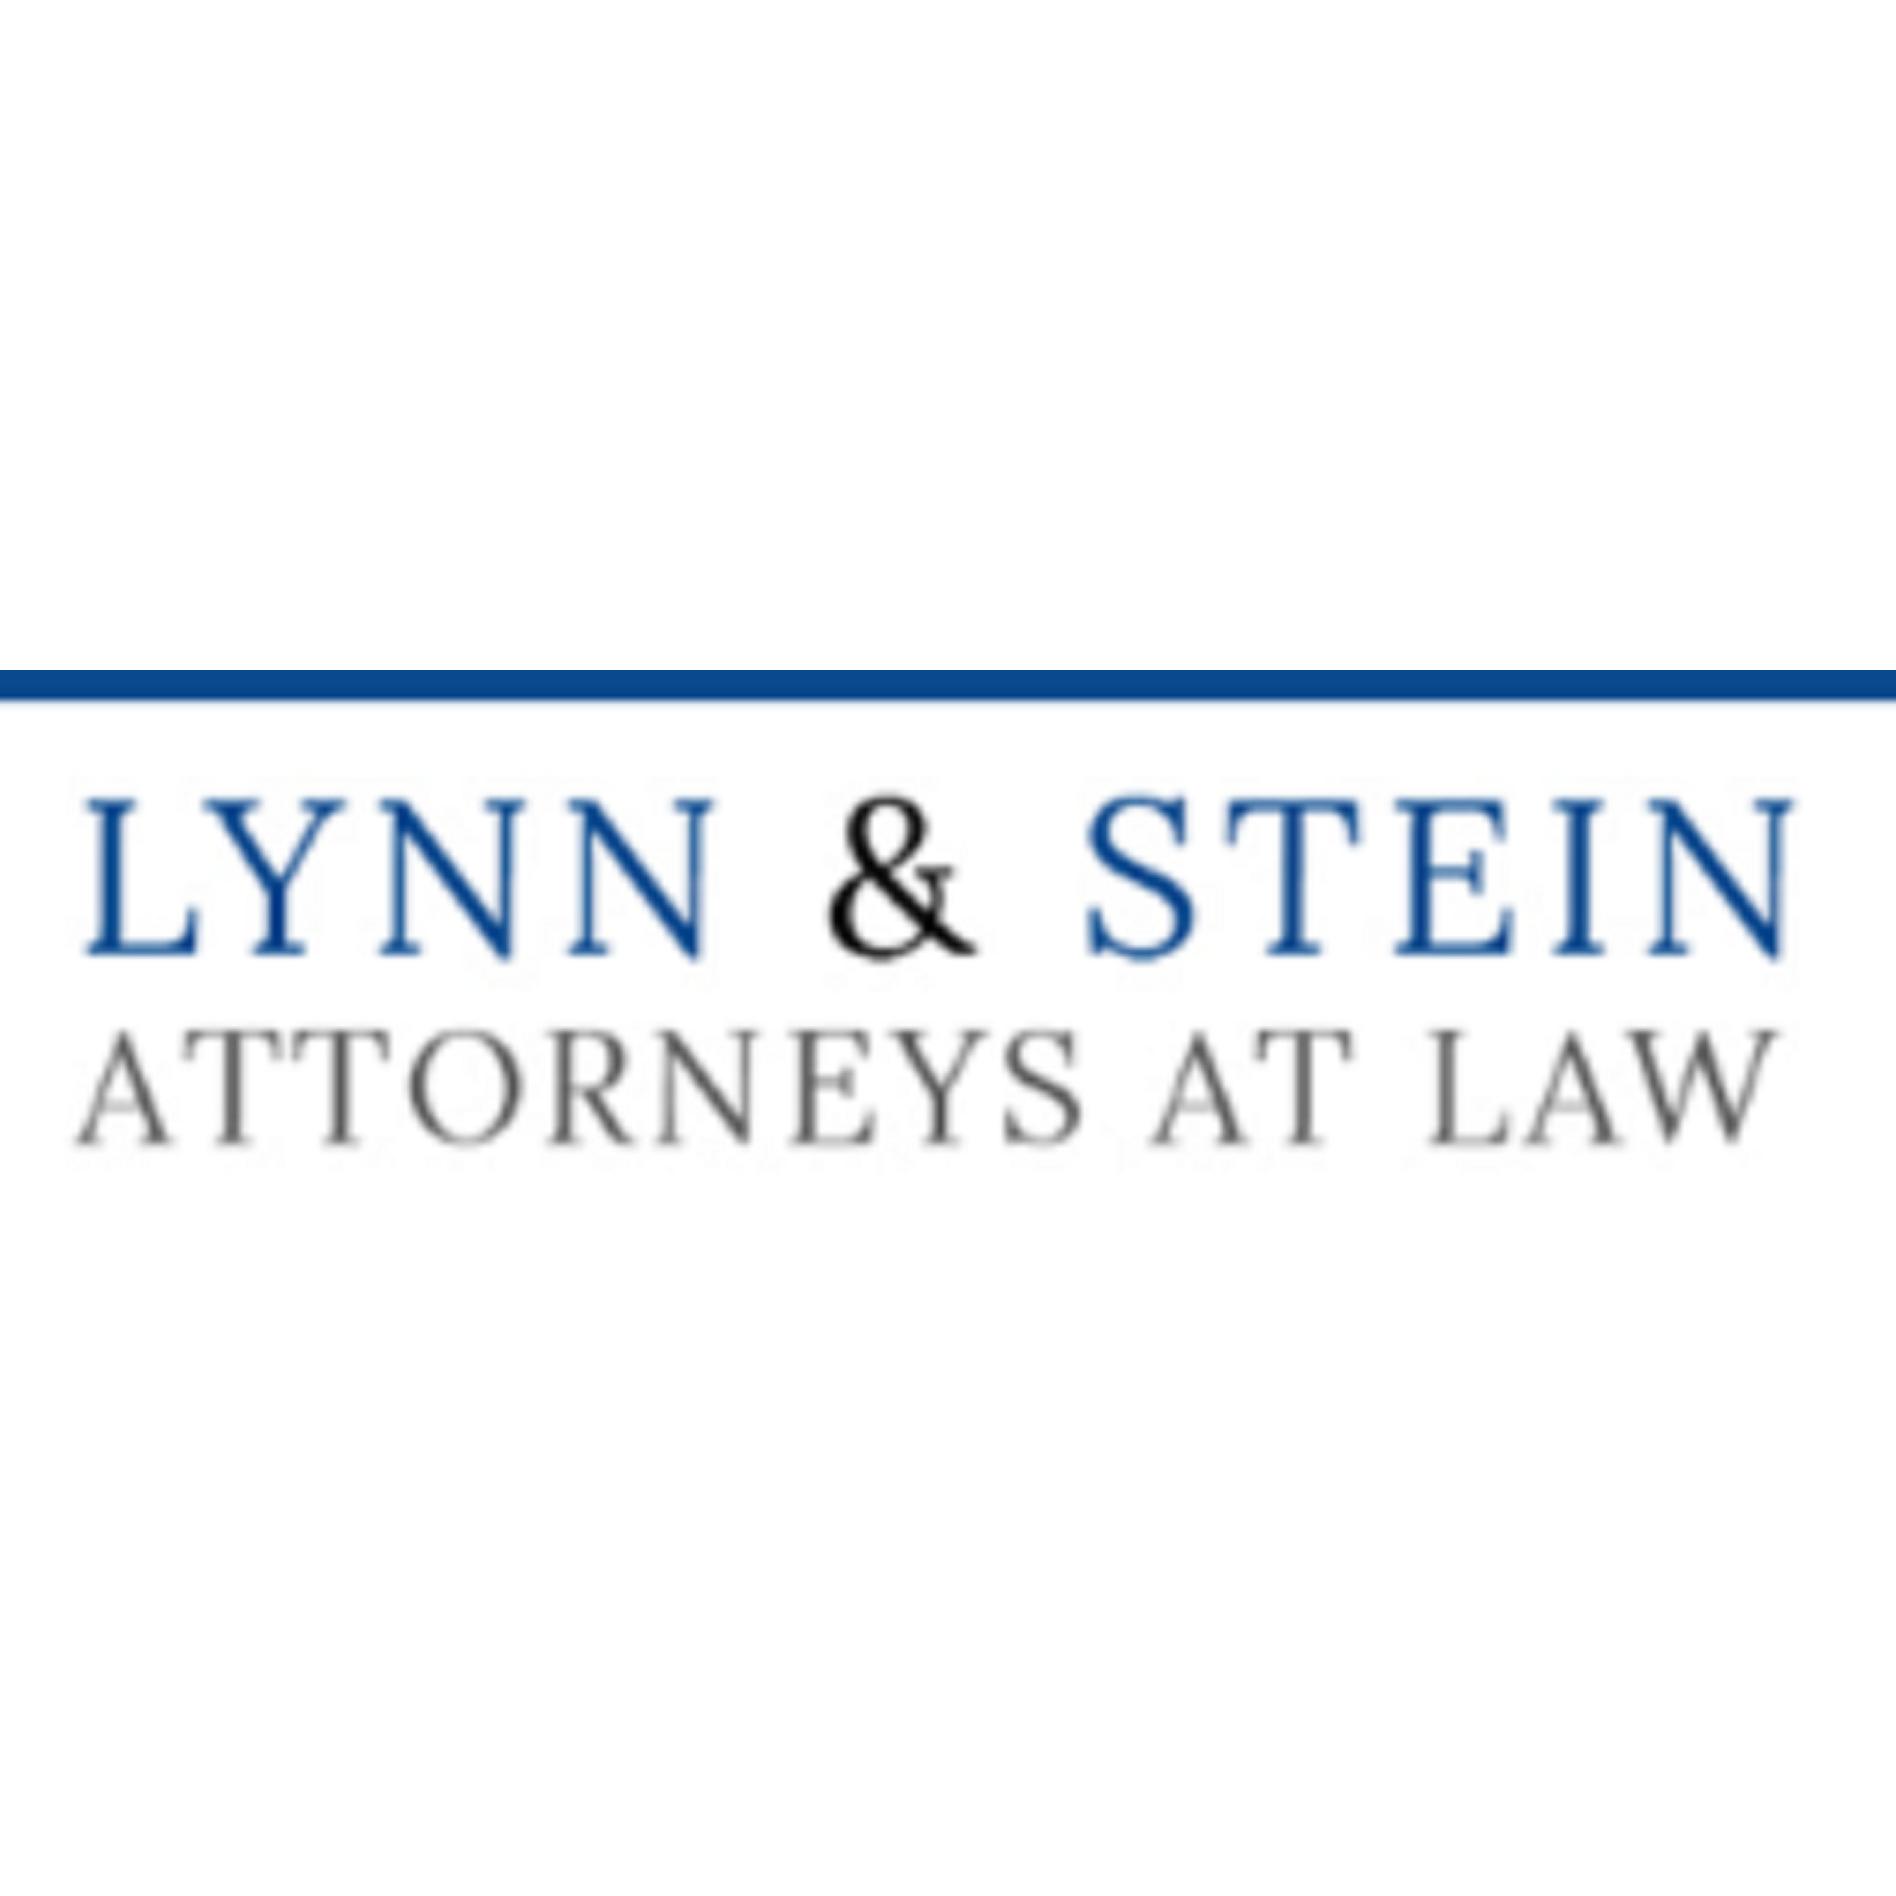 Lynn & Stein Attorneys at Law